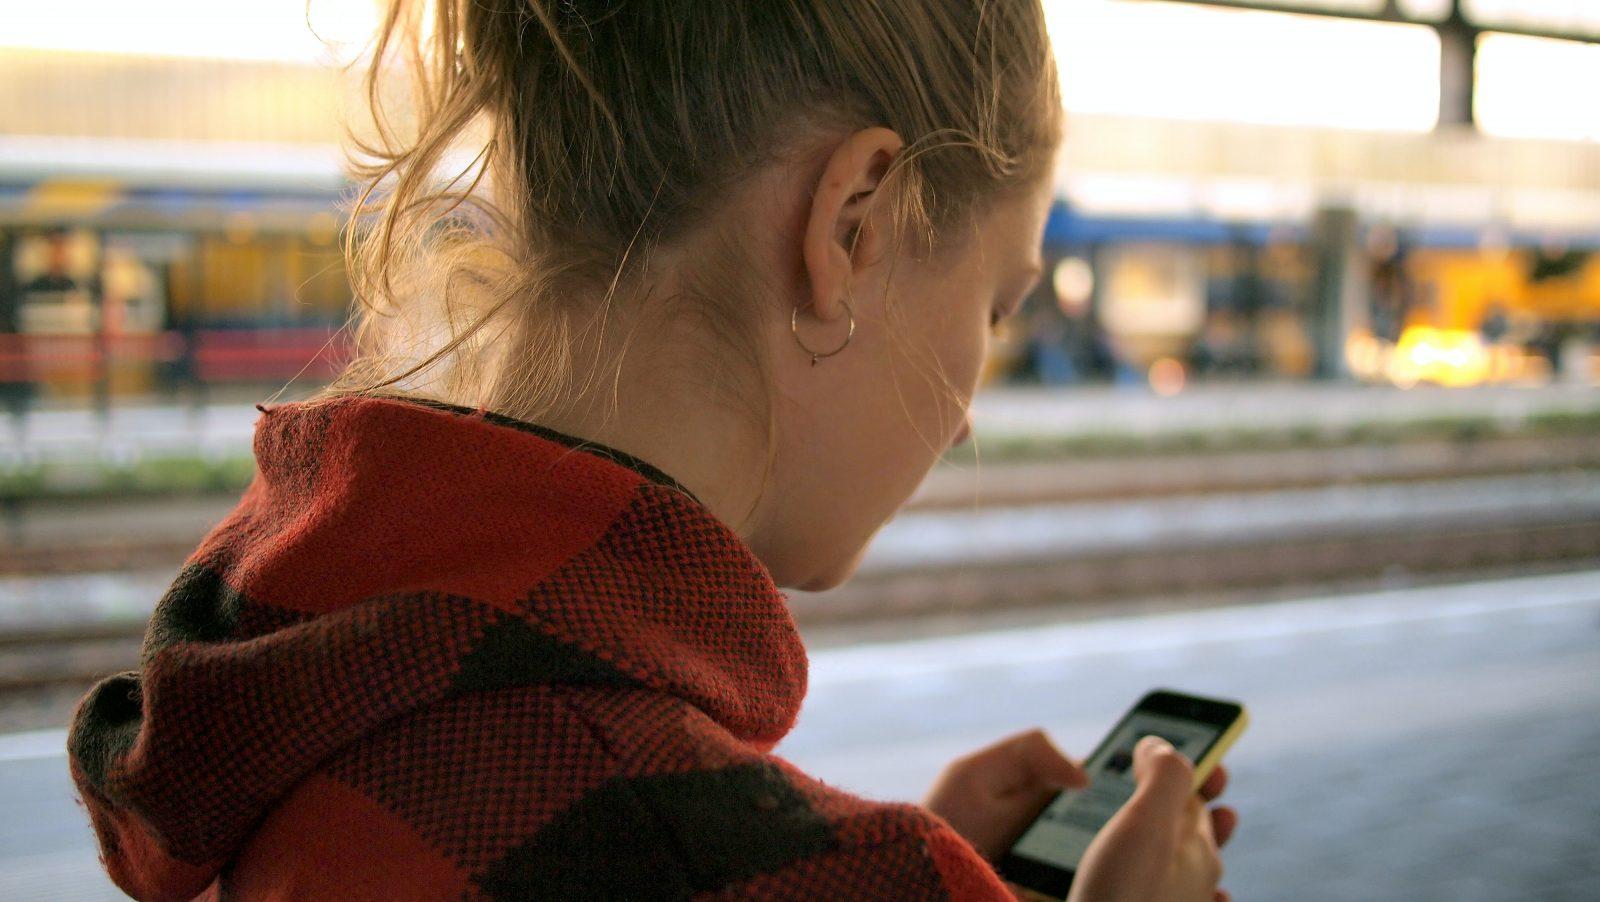 Ihminen pitelee ulkona puhelinta kädessä ja katsoo sen ruutua.